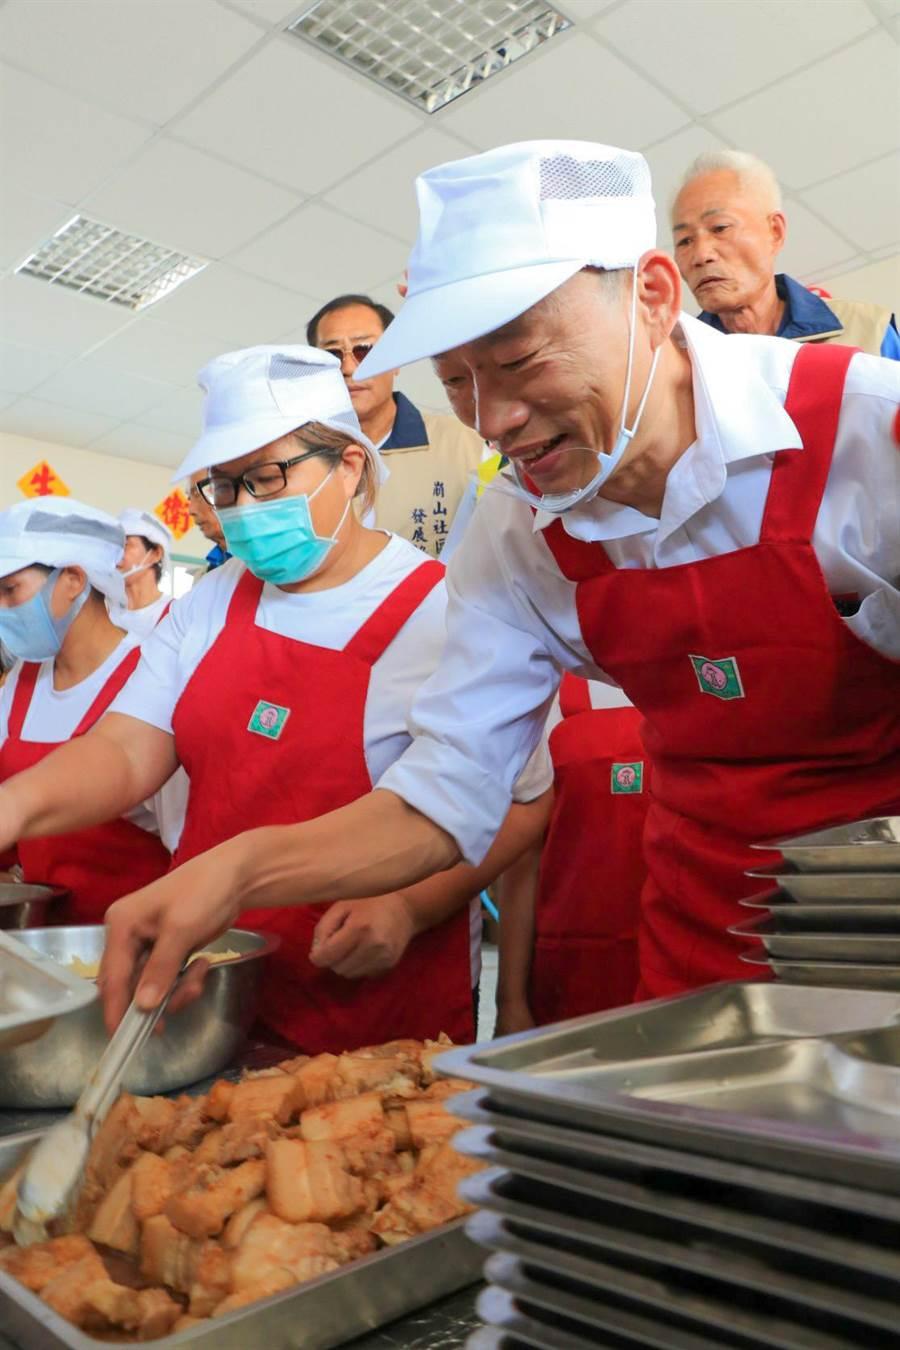 韓國瑜化身打菜志工幫忙長輩打菜。(張亦惠攝)